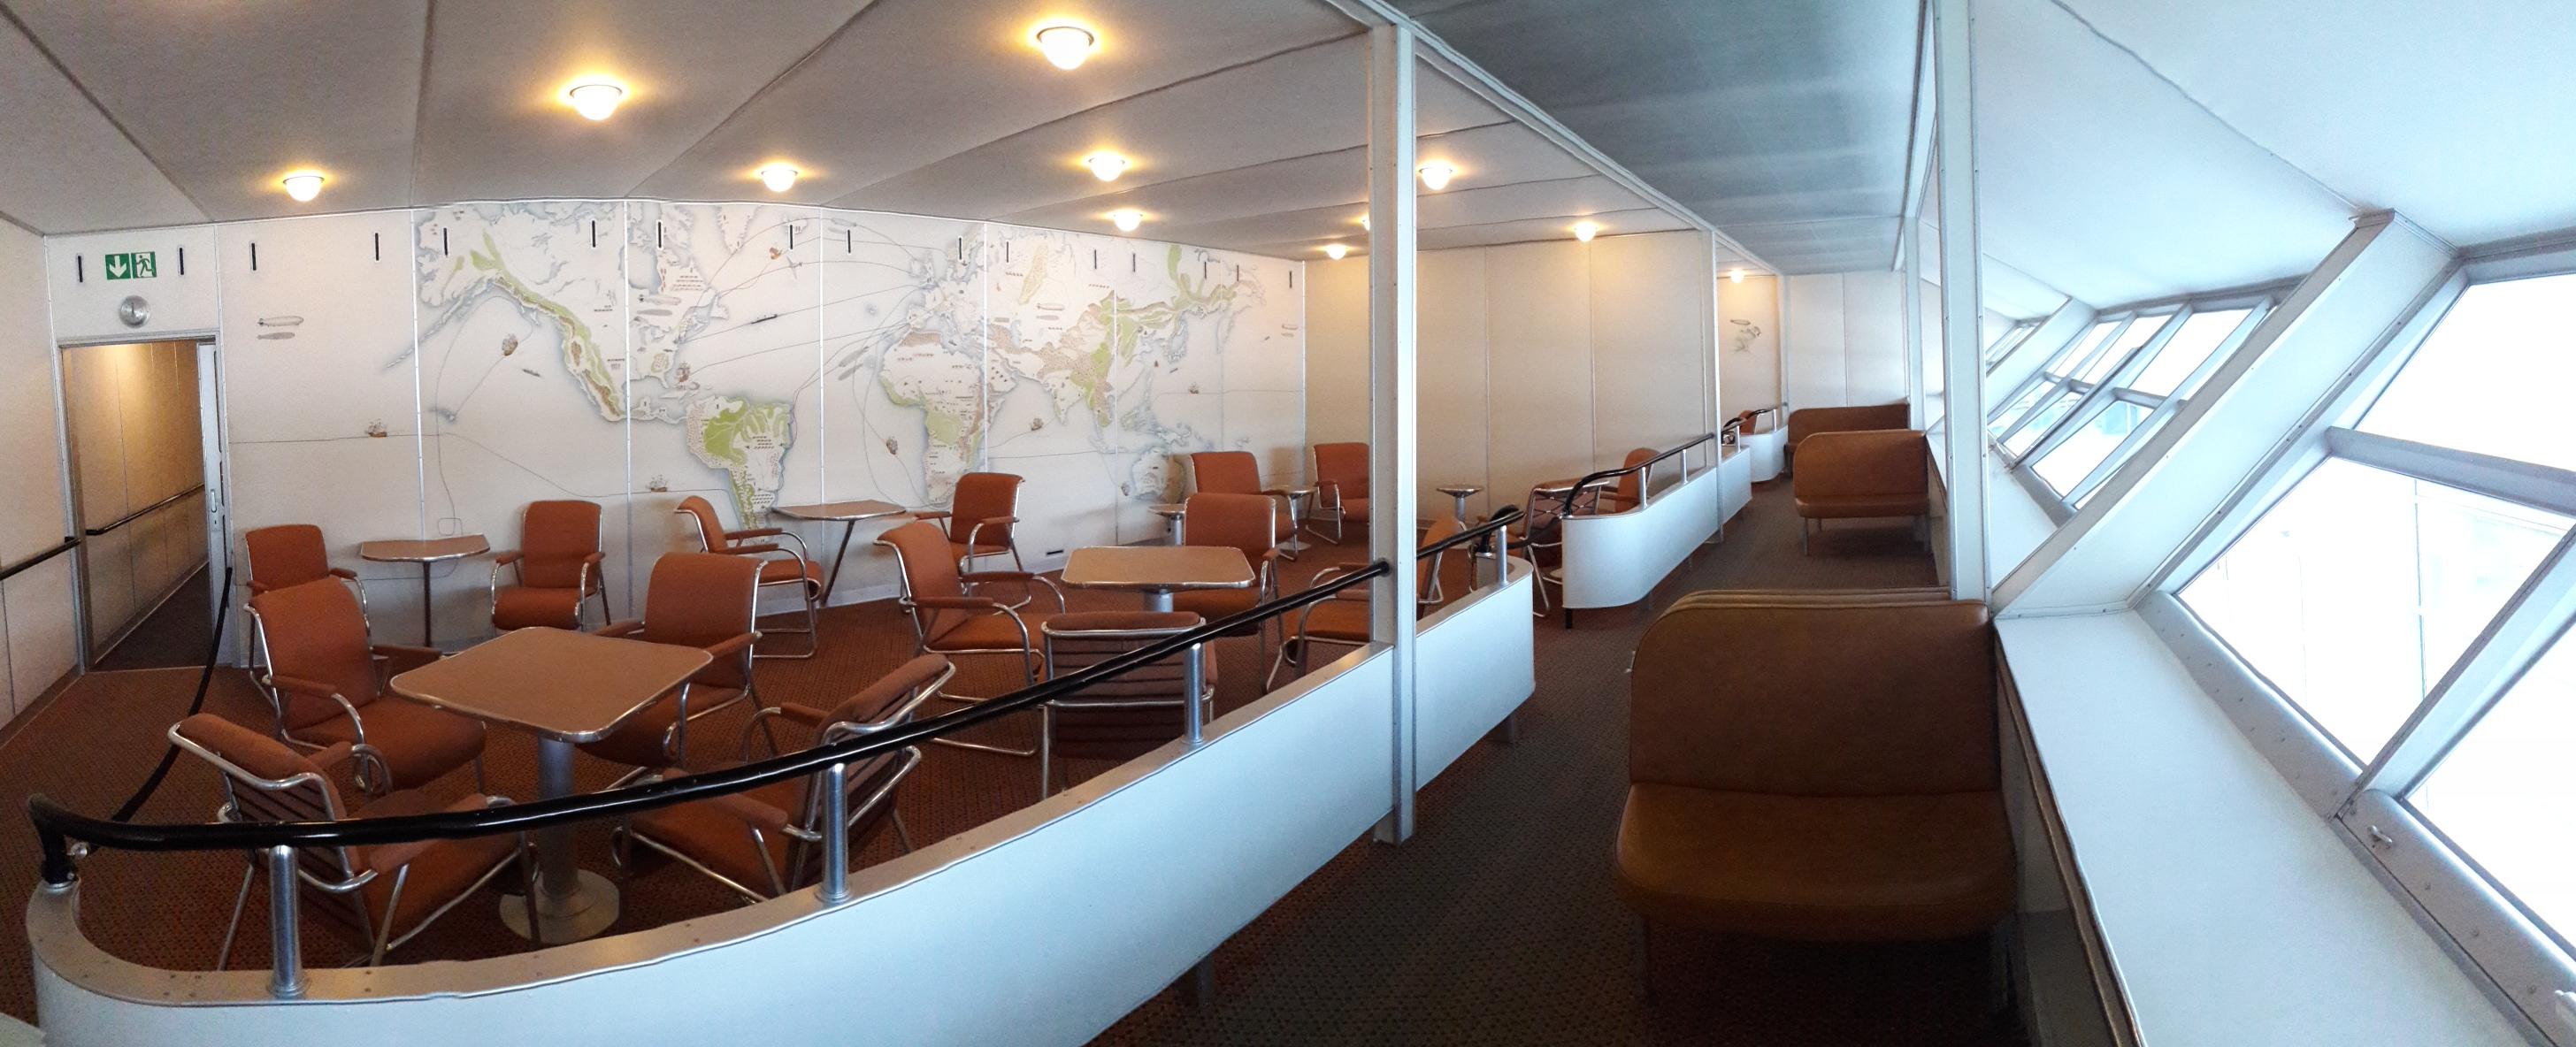 Цеппелин «Гинденбург». Пространство для отдыха и для аэрообзора